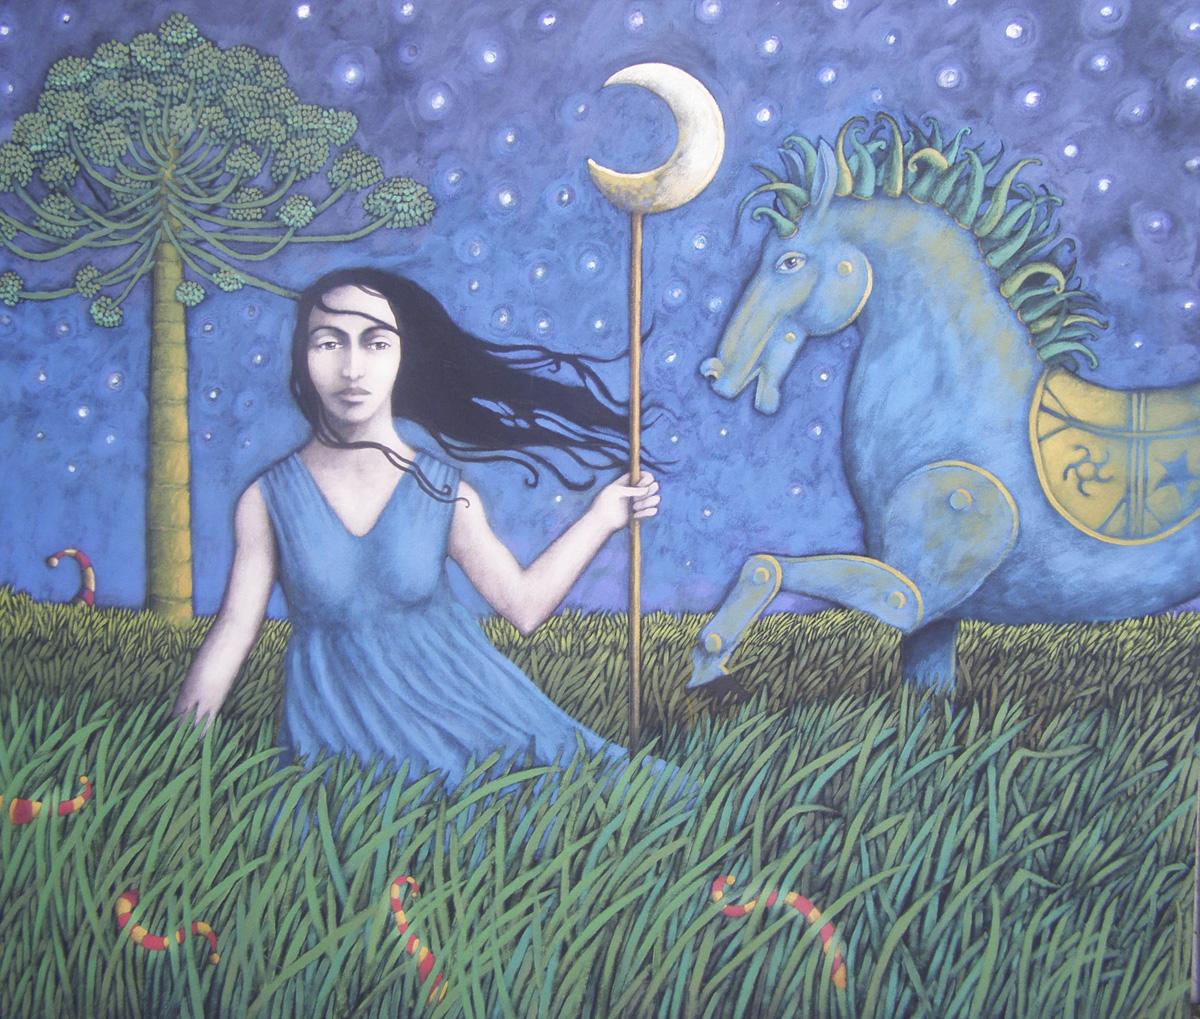 Princesa de la Noche del Sur (2012) - Alejandro Arrepol